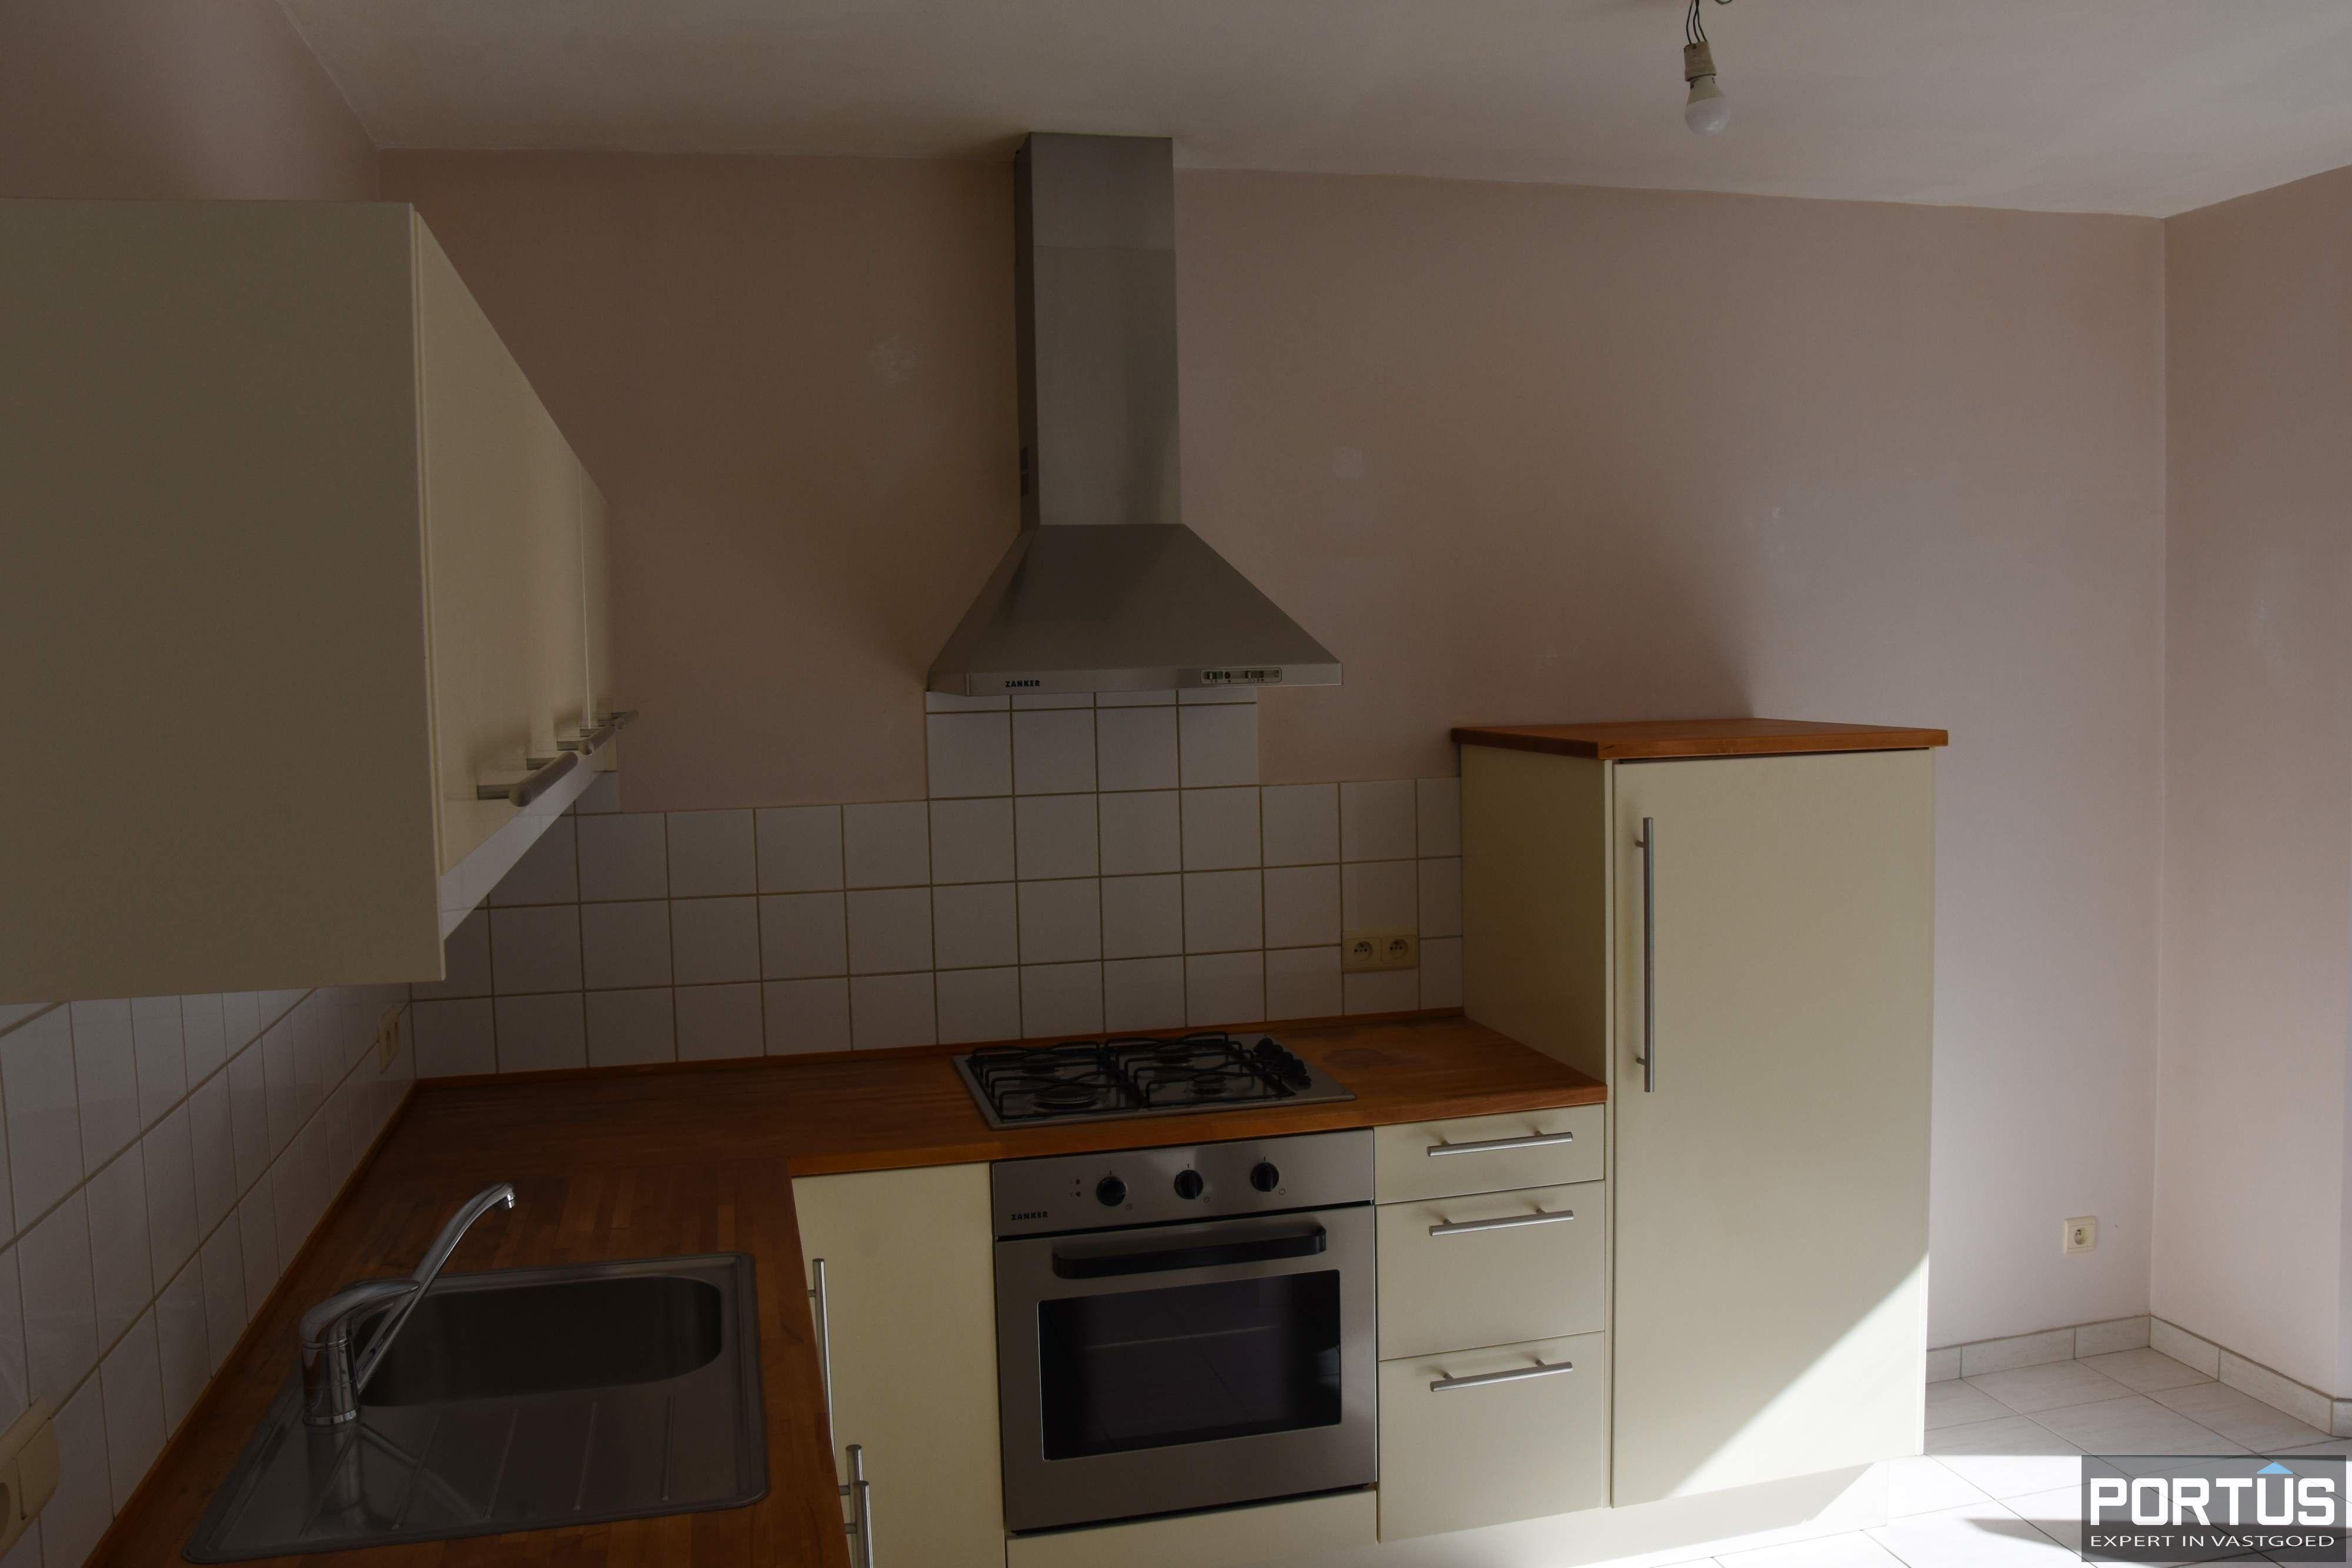 Appartement te huur Nieuwpoort - 8883